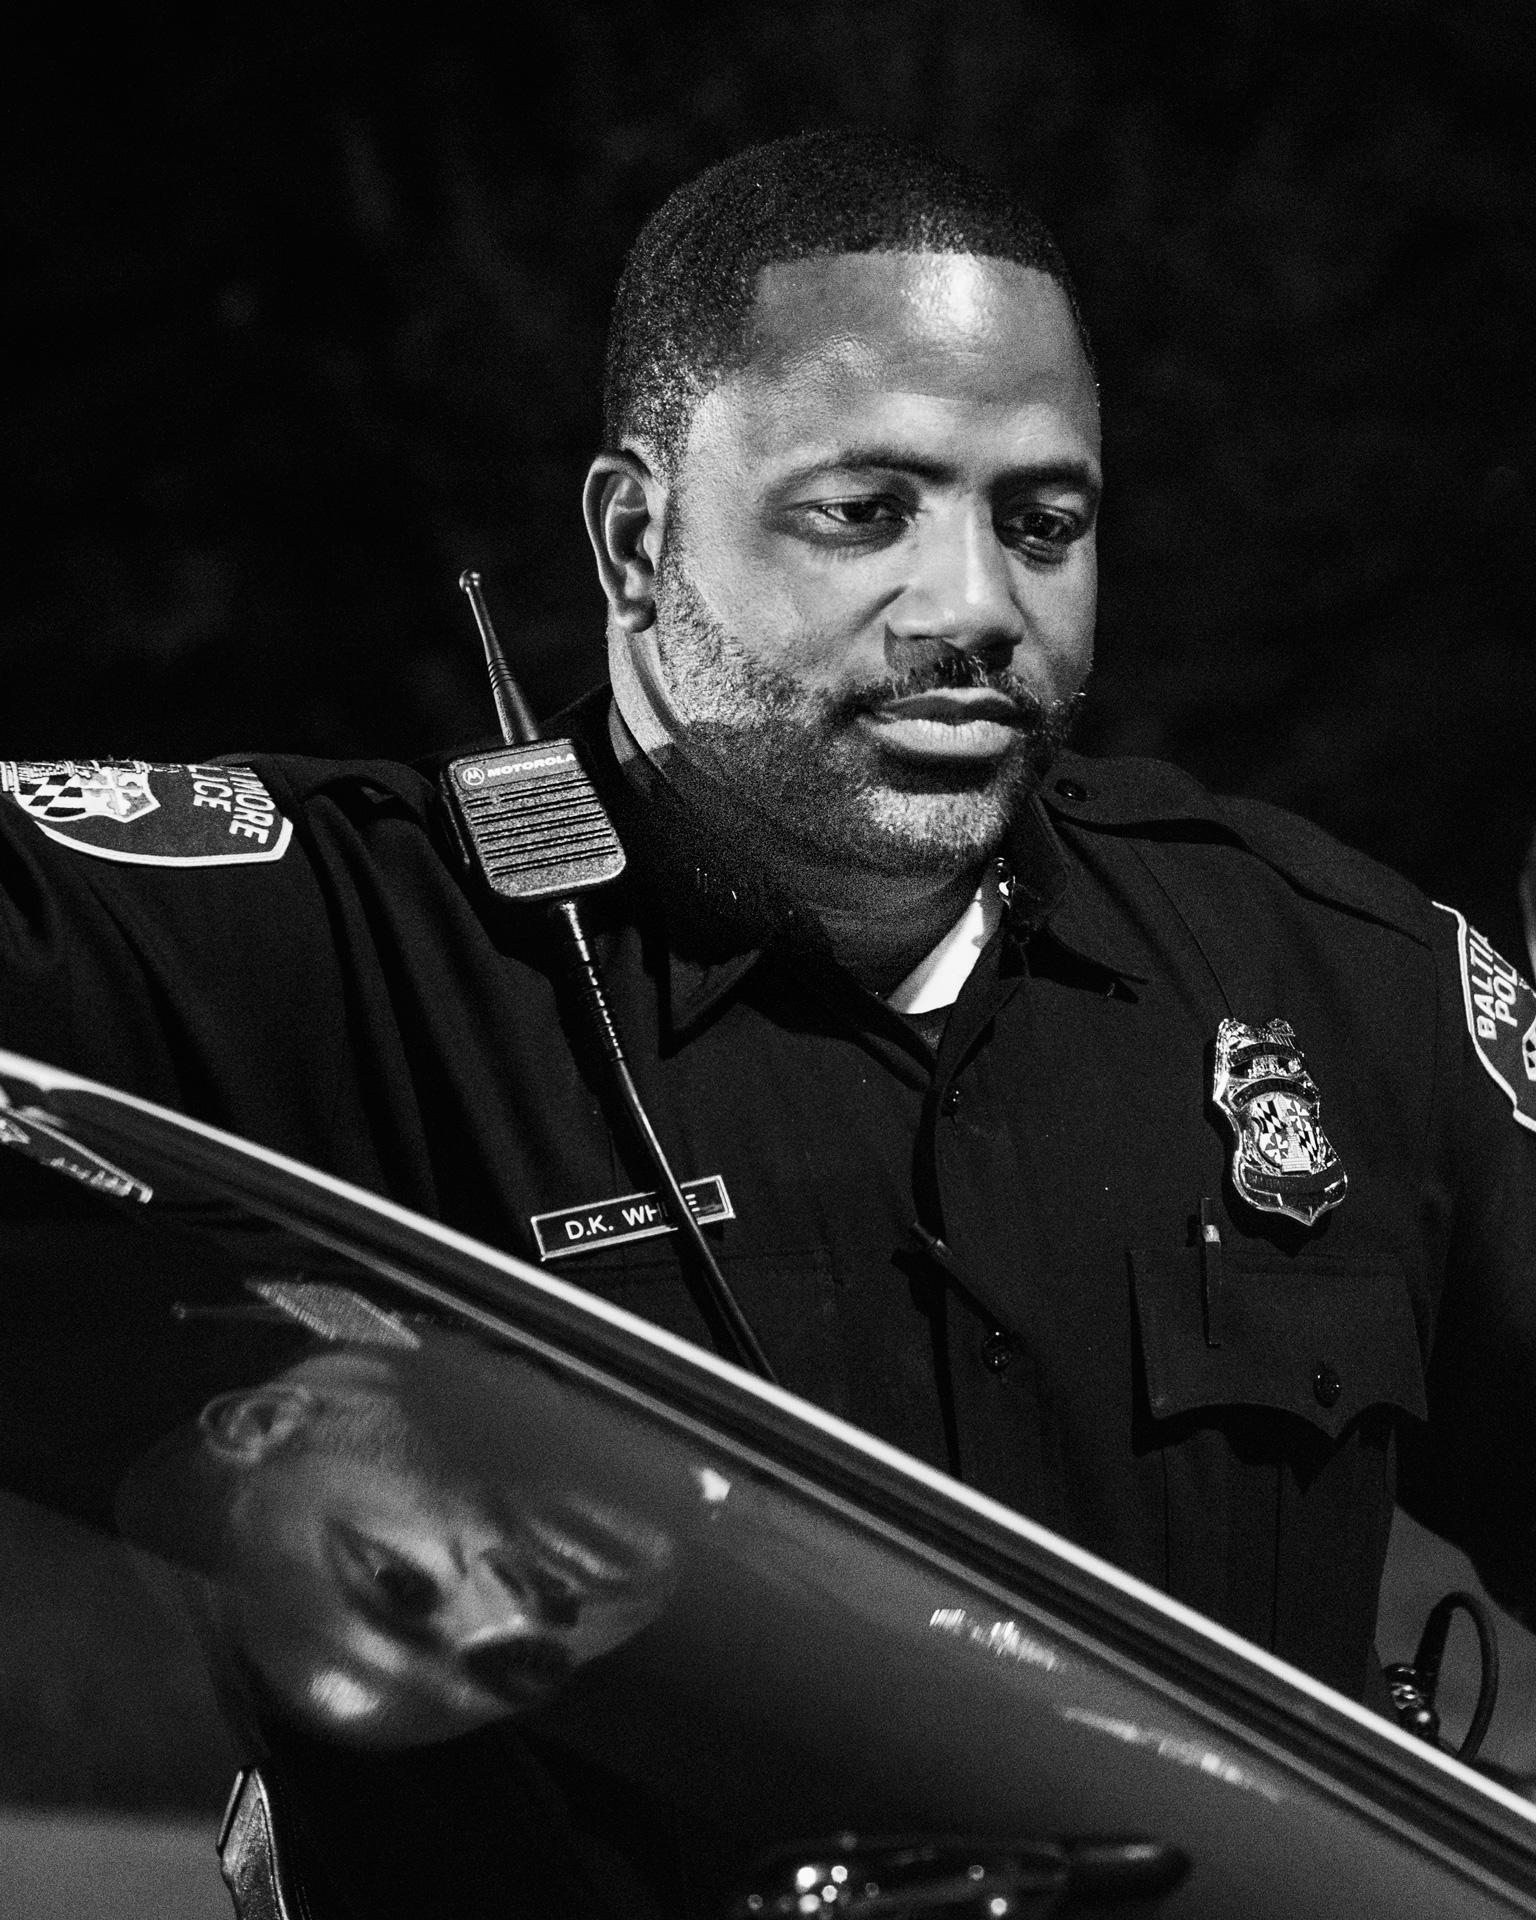 Officer D.K. White